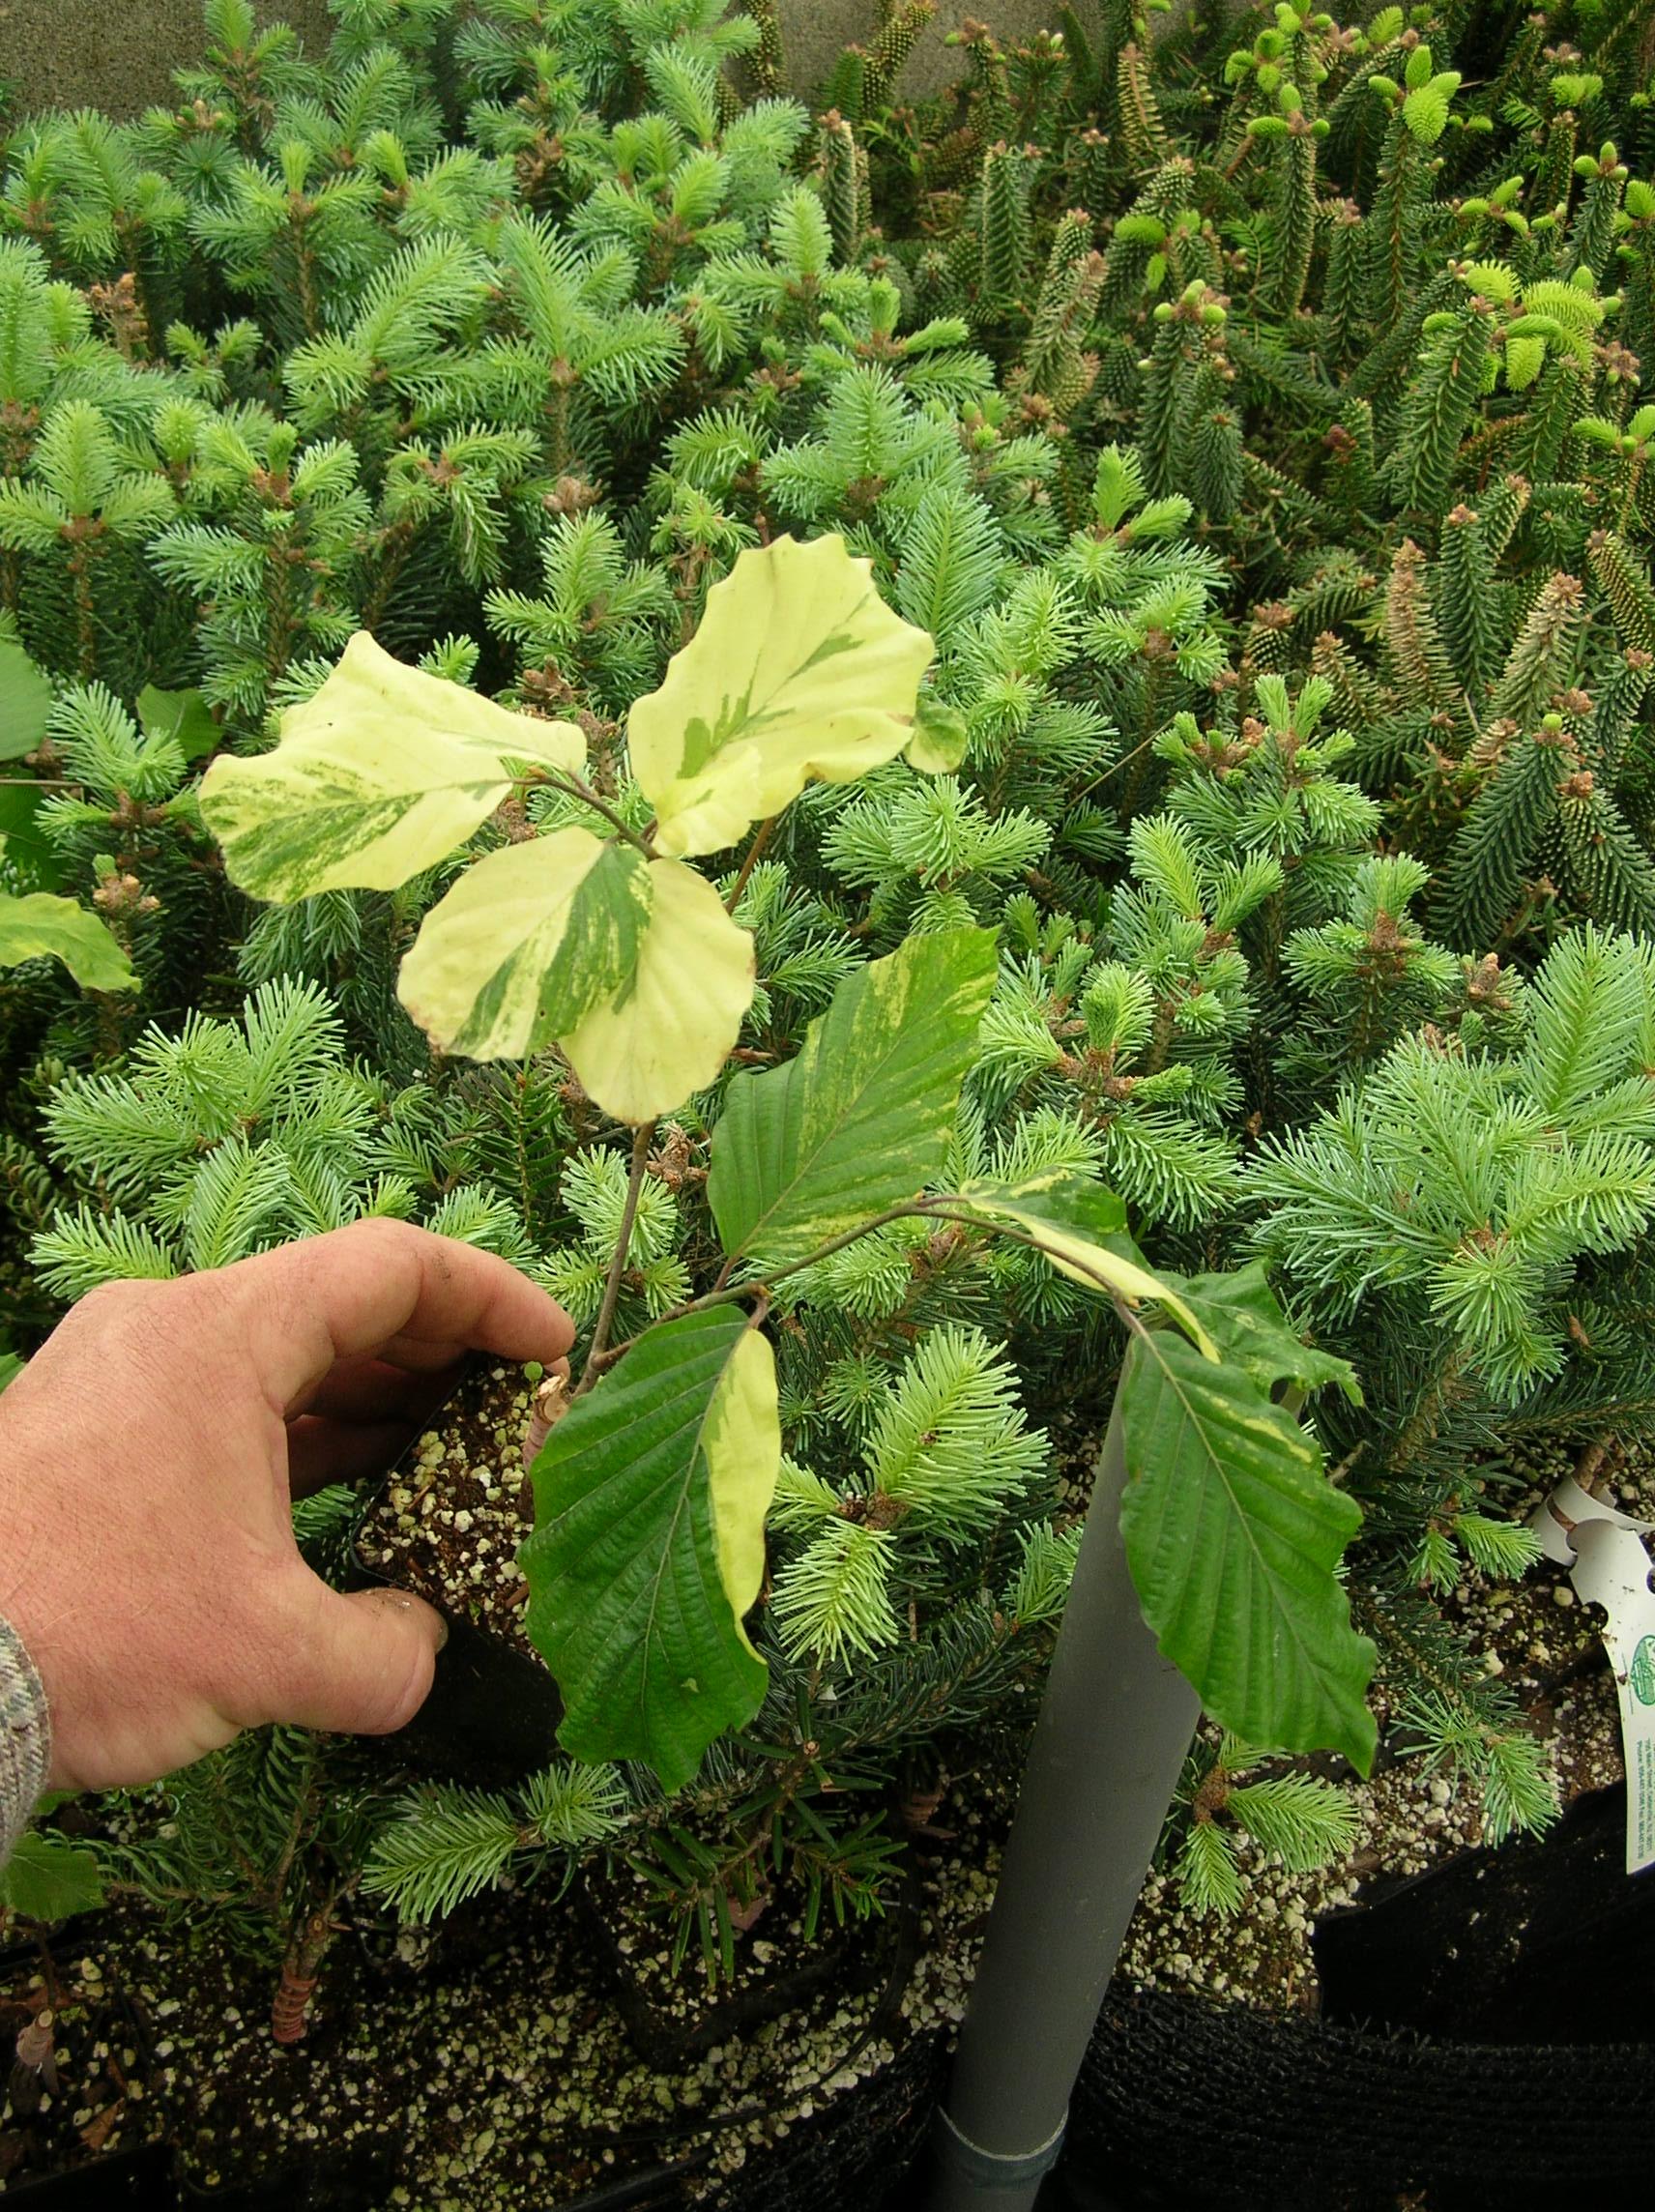 Beeches: - Fagus sylvatica \'Nicole\' | UBC Botanical Garden Forums